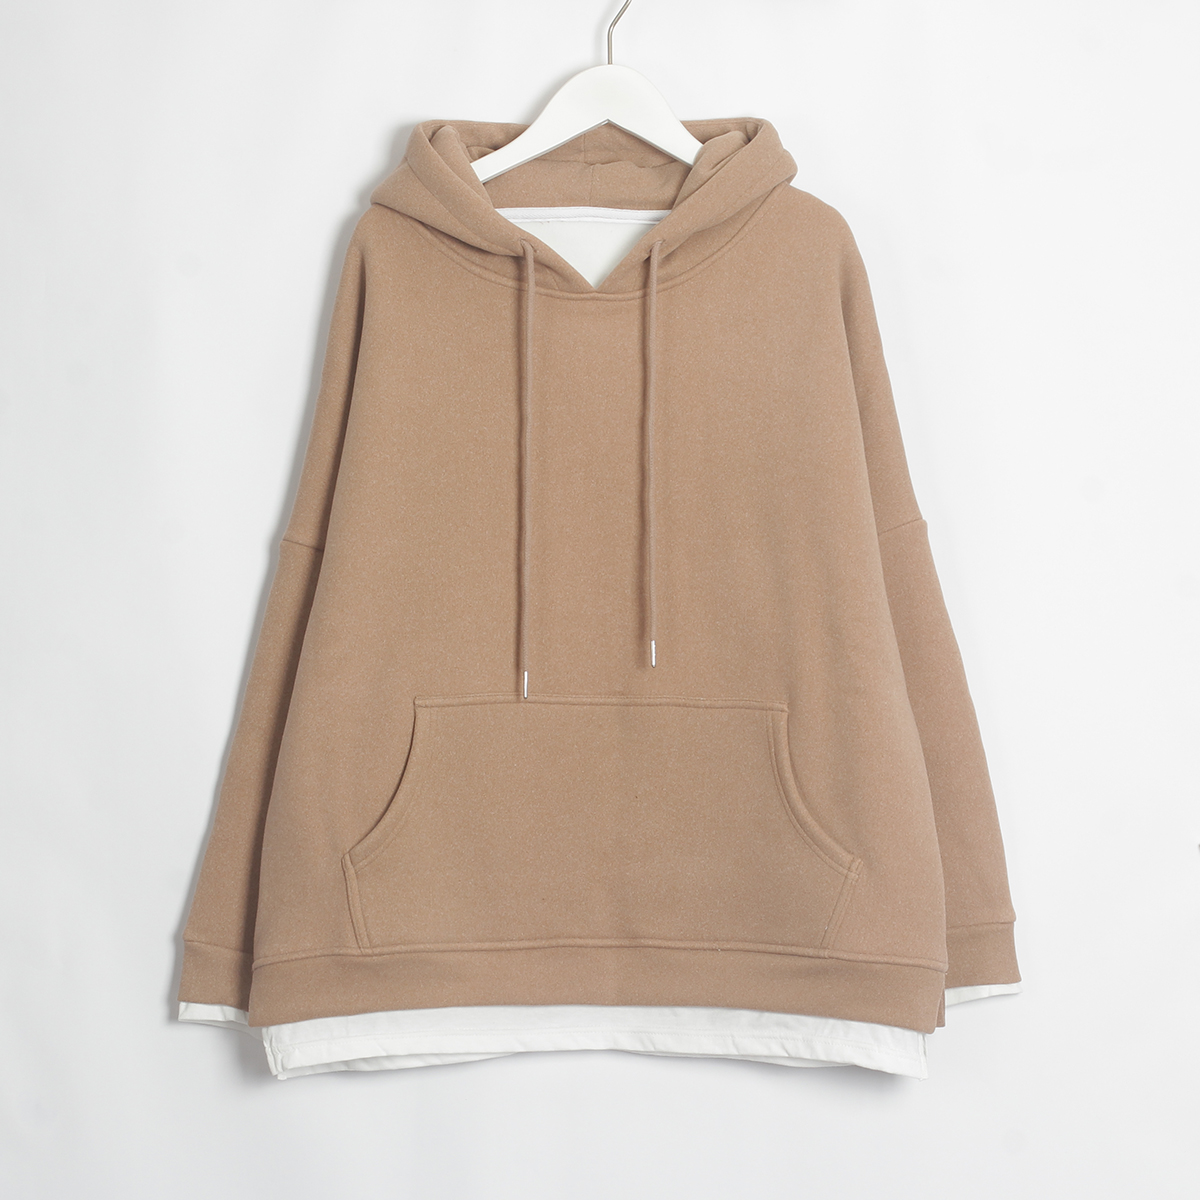 Wixra Women Casual Sweatshirts Warm Velvet Long Sleeve Oversize Hoodies Tops 2019 Autumn Winter Pullover Tops 5